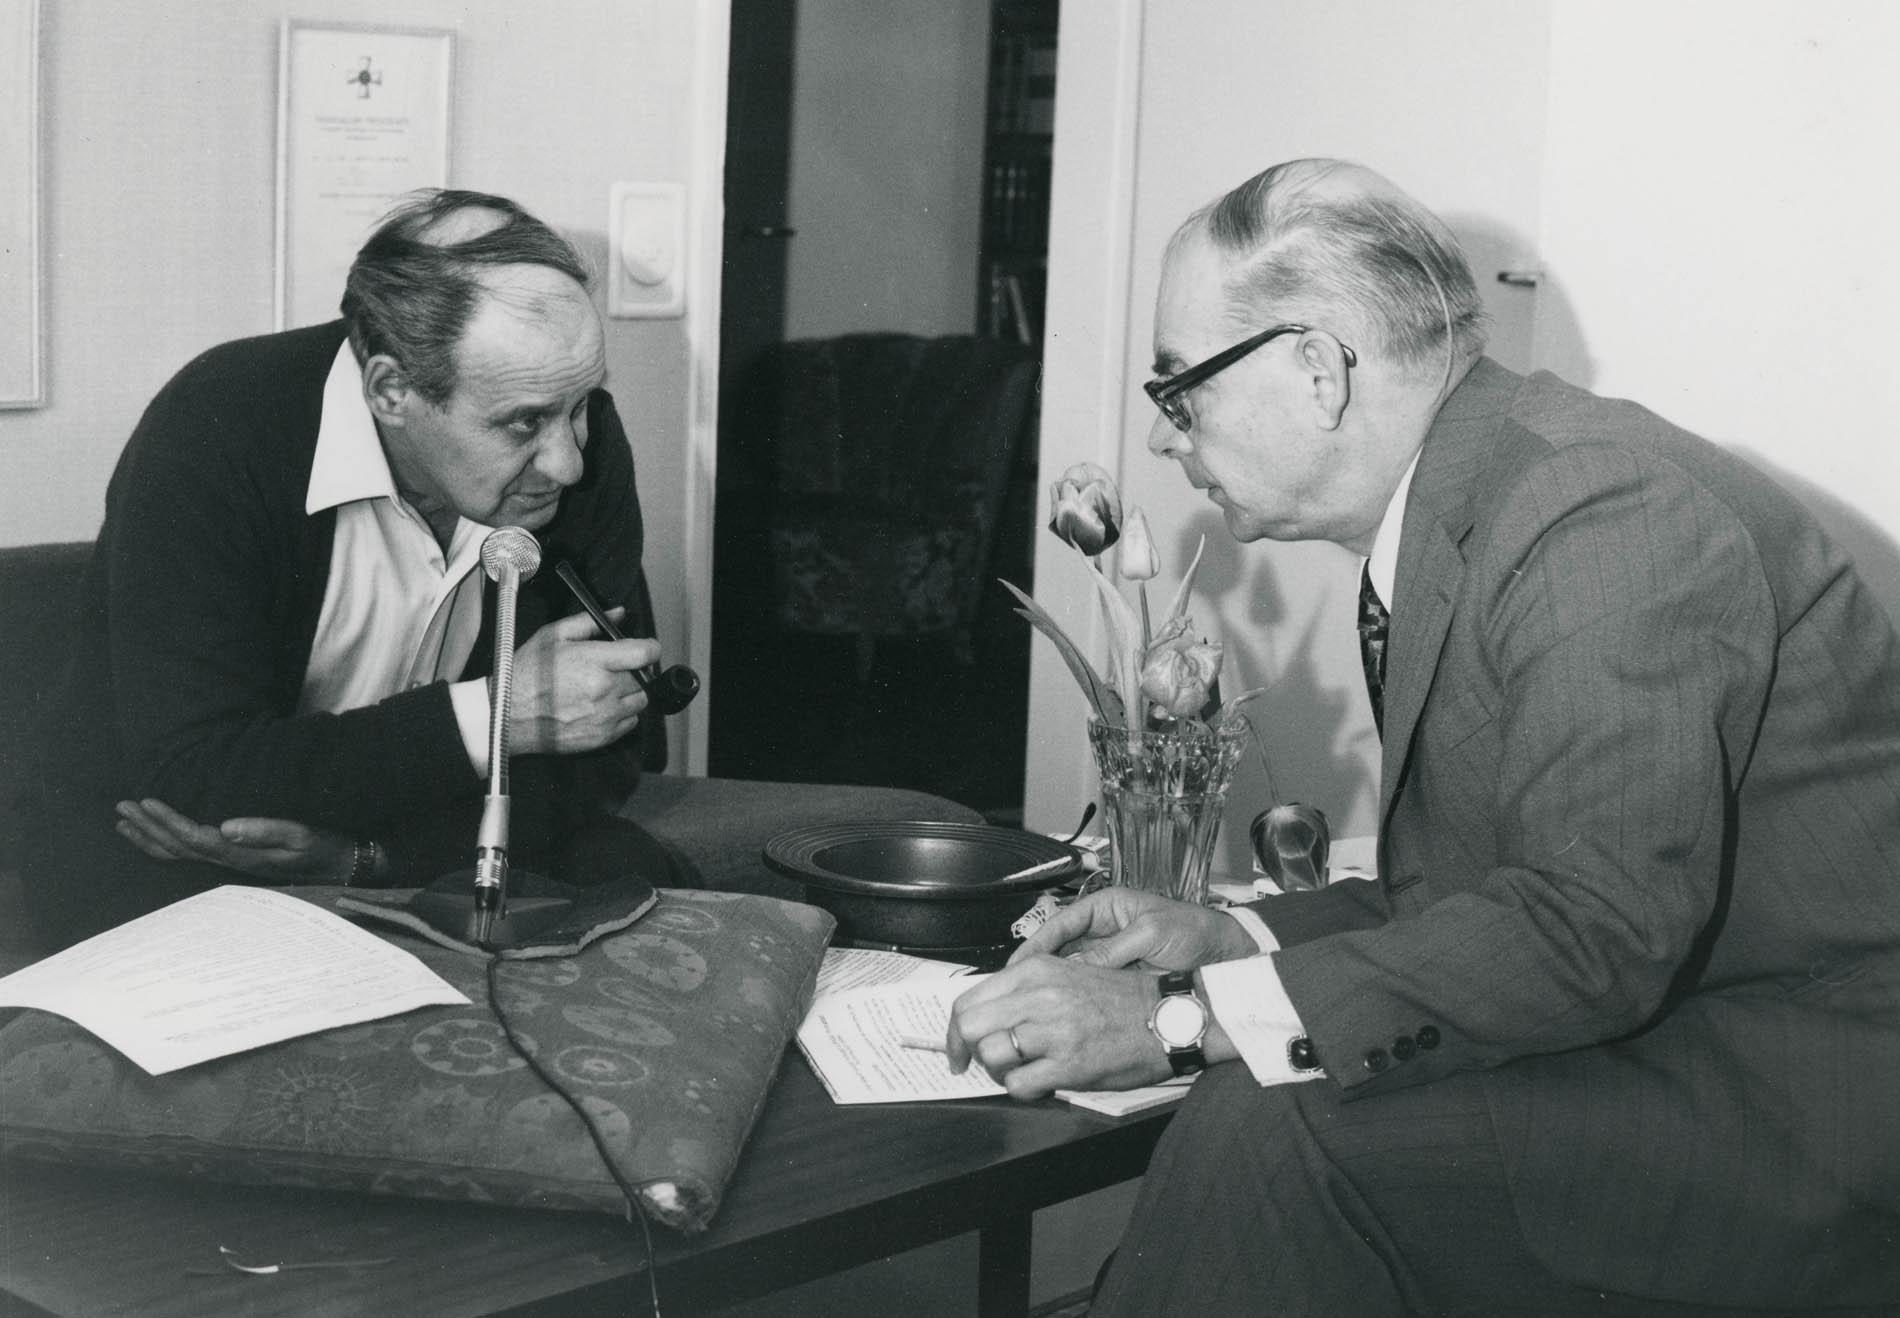 Pertti Virtaranta haastattelee Väinö Linnaa 1974 Linnan kotona Tampereella. SKS KIA. Väinö Linnan arkisto. Kuvaaja: Pekka Lehtimäki.